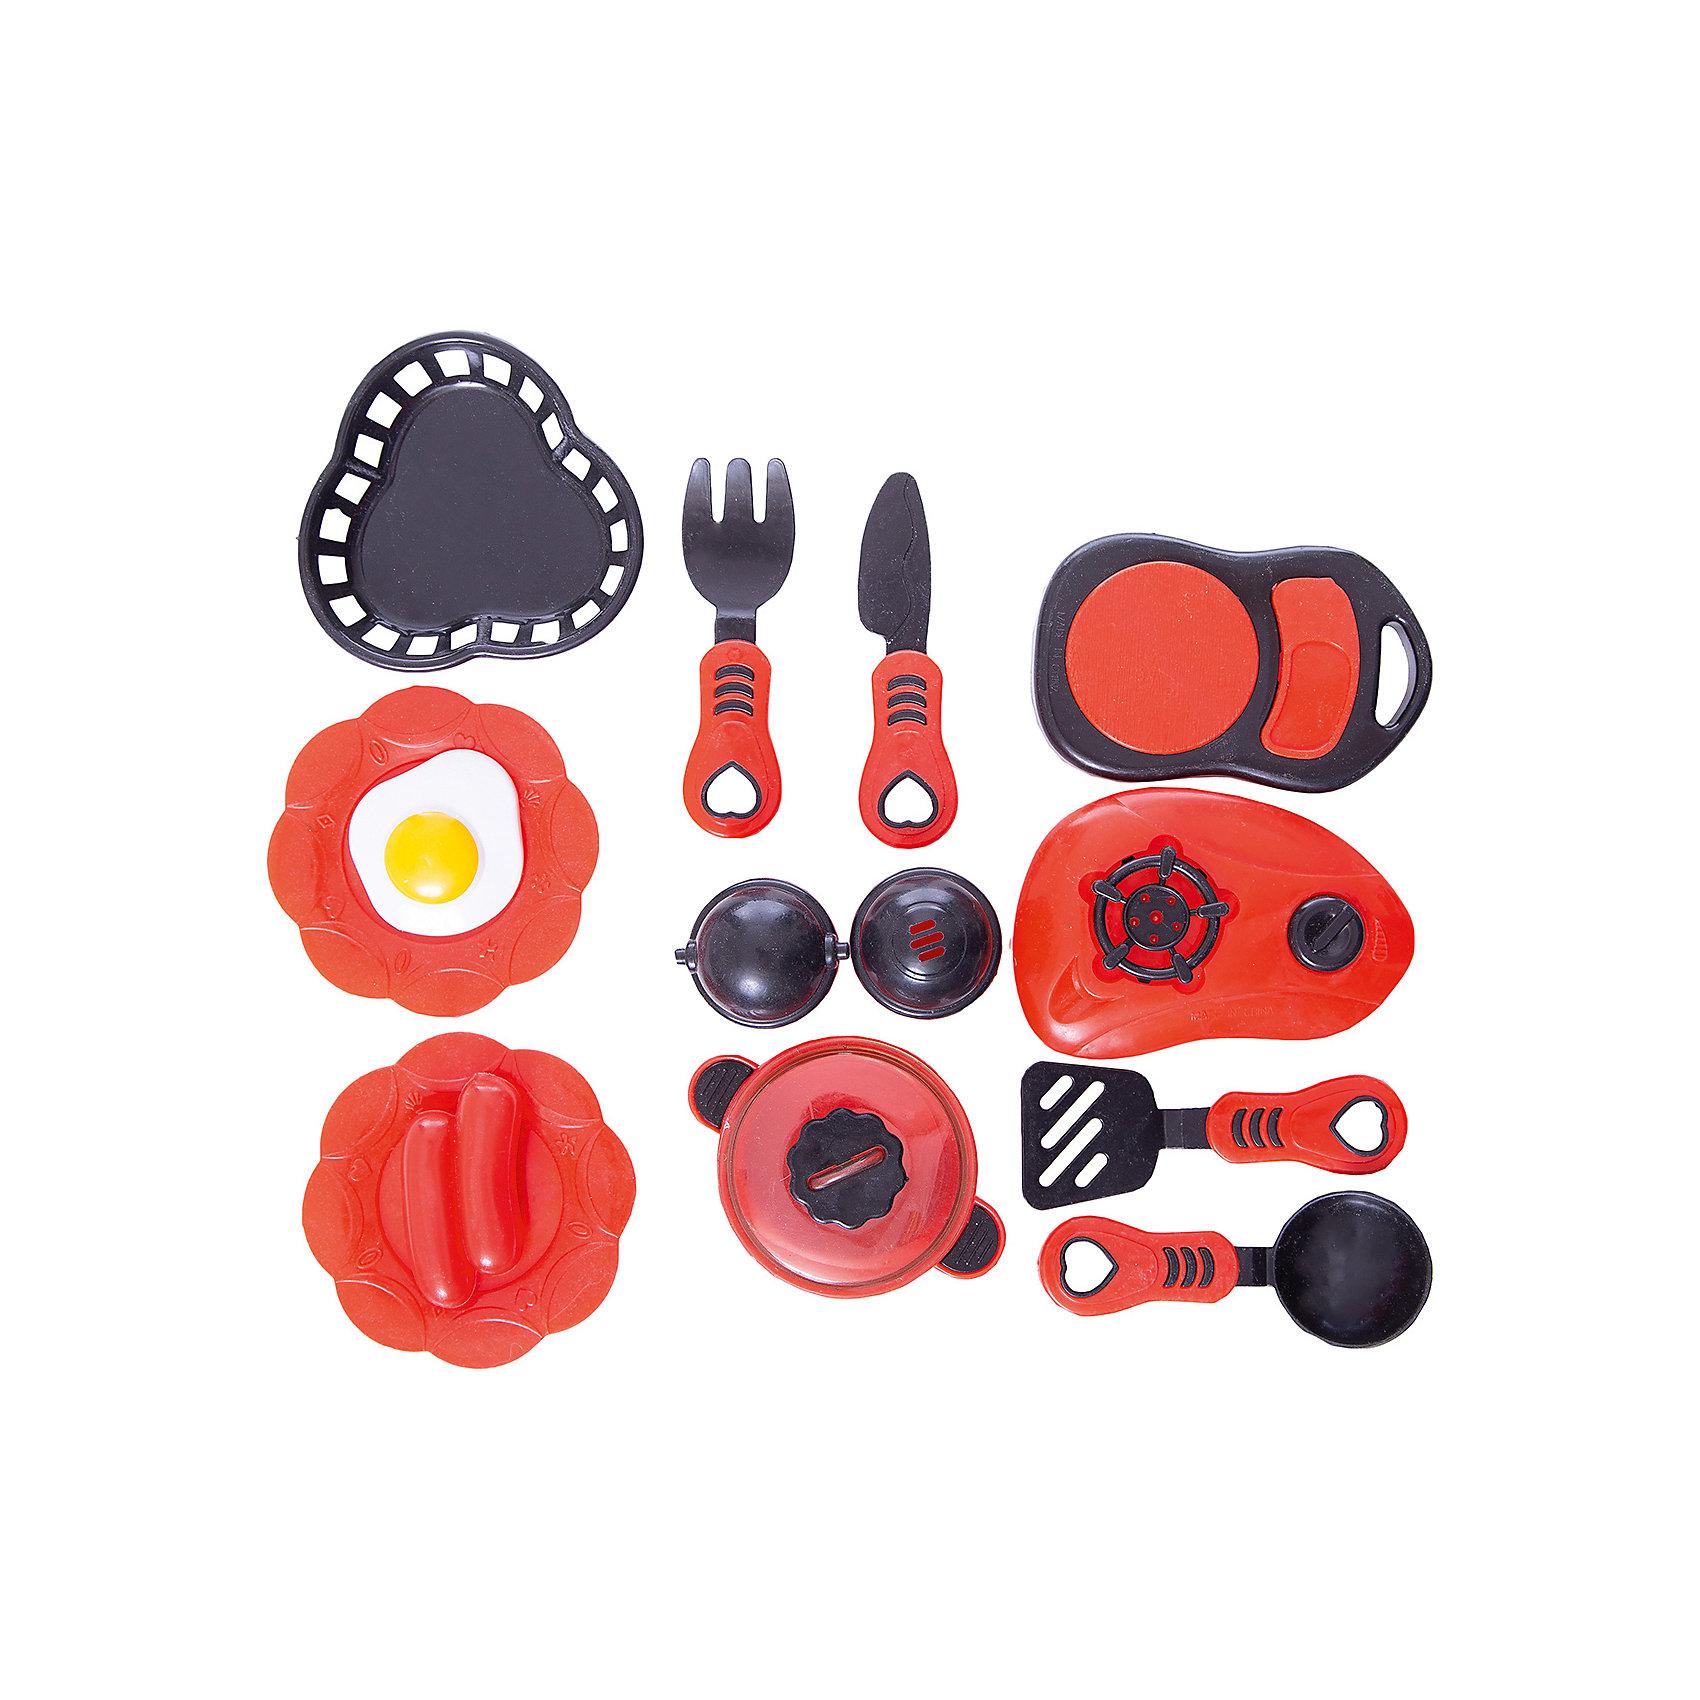 Набор посуды для кухни с продуктами №2, 14 предм., Помогаю маме, ABtoysНабор посуды для кухни с продуктами №2, 14 предм., Помогаю маме, ABtoys (АБтойс) – набор поможет девочке освоить навыки хорошей хозяйки.<br>Набор содержит все необходимое для приготовления блюд и организации обеда для кукол. В него входят плитка для разогрева еды, весы, столовые приборы, кастрюля, сковорода, солонка и перечница, а также муляжи яичницы. Каждый из предметов выполнен из пластика красного и черного цвета и выглядит очень привлекательно и реалистично. Их удобно держать в руках. С таким набором малышка обязательно станет настоящей хозяйкой и сможет помогать маме на кухне. Комплект изготовлен из высококачественного пластика особой прочности, поэтому ему не страшны удары и падения.<br><br>Дополнительная информация:<br><br>- В наборе 14 предметов: плитка, весы, кастрюлька с крышкой, сковорода с крышкой, солонка, перечница, ножик, черпачок, лопатка, вилка, 2 яичницы<br>- Цвет: красный, черный, белый, желтый<br>- Материал: пластик<br>- Упаковка: сетка<br>- Размер упаковки: 16х15х9 см.<br>- Вес: 141 гр.<br><br>Набор посуды для кухни с продуктами №2, 14 предм., Помогаю маме, ABtoys (АБтойс) можно купить в нашем интернет-магазине.<br><br>Ширина мм: 165<br>Глубина мм: 150<br>Высота мм: 90<br>Вес г: 141<br>Возраст от месяцев: 36<br>Возраст до месяцев: 84<br>Пол: Женский<br>Возраст: Детский<br>SKU: 4622663